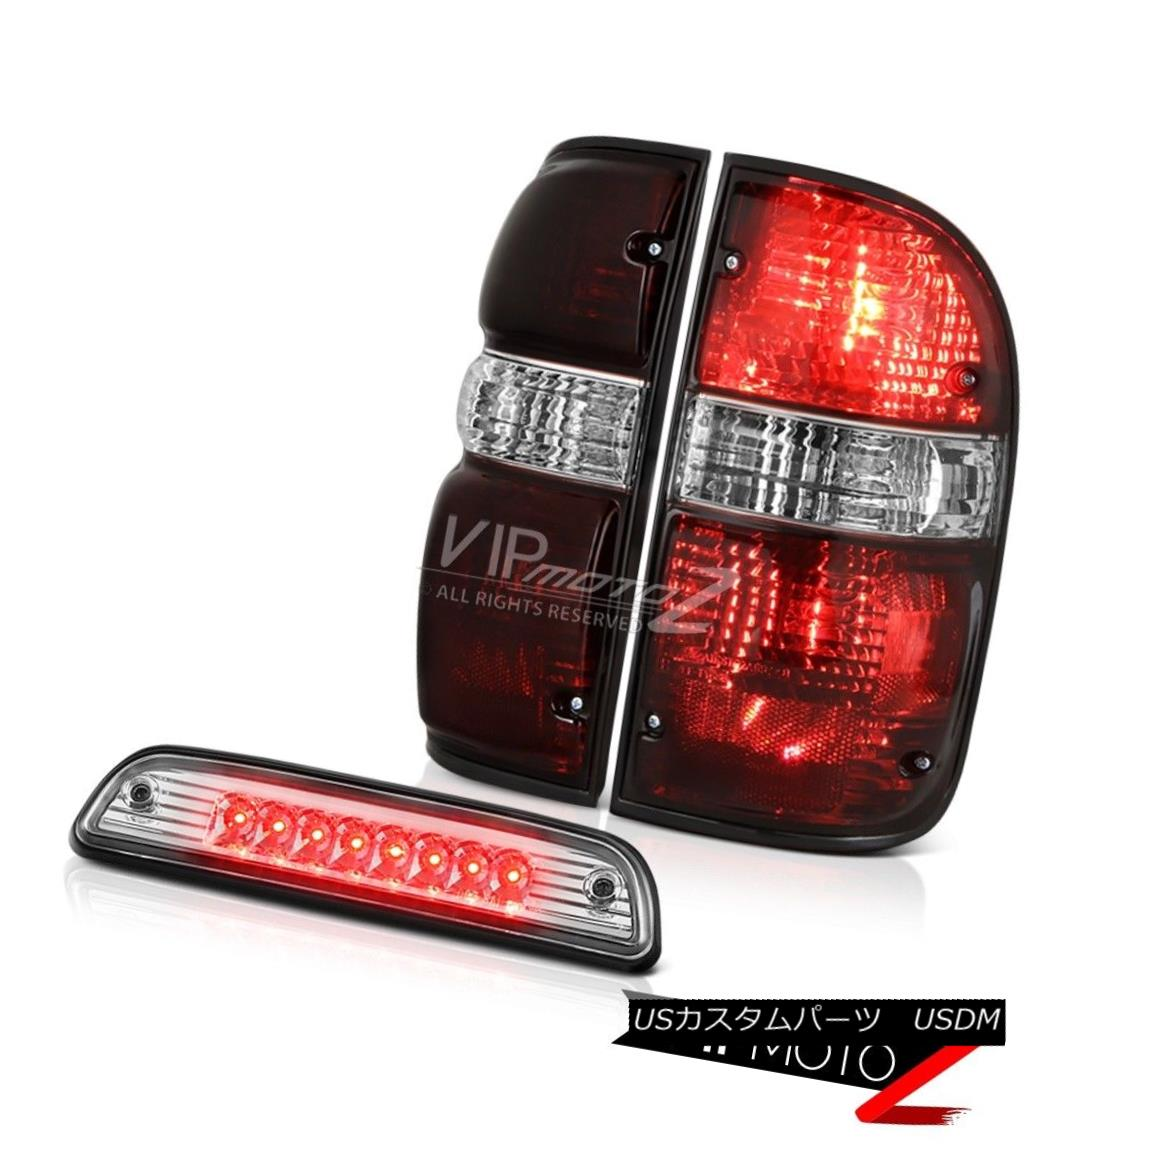 テールライト 01 02 03 04 Toyota Tacoma 4WD Roof cargo light taillights OE Style Replacement 01 02 03 04トヨタタコマ4WDルーフカーゴライトテールライトOEスタイルの交換